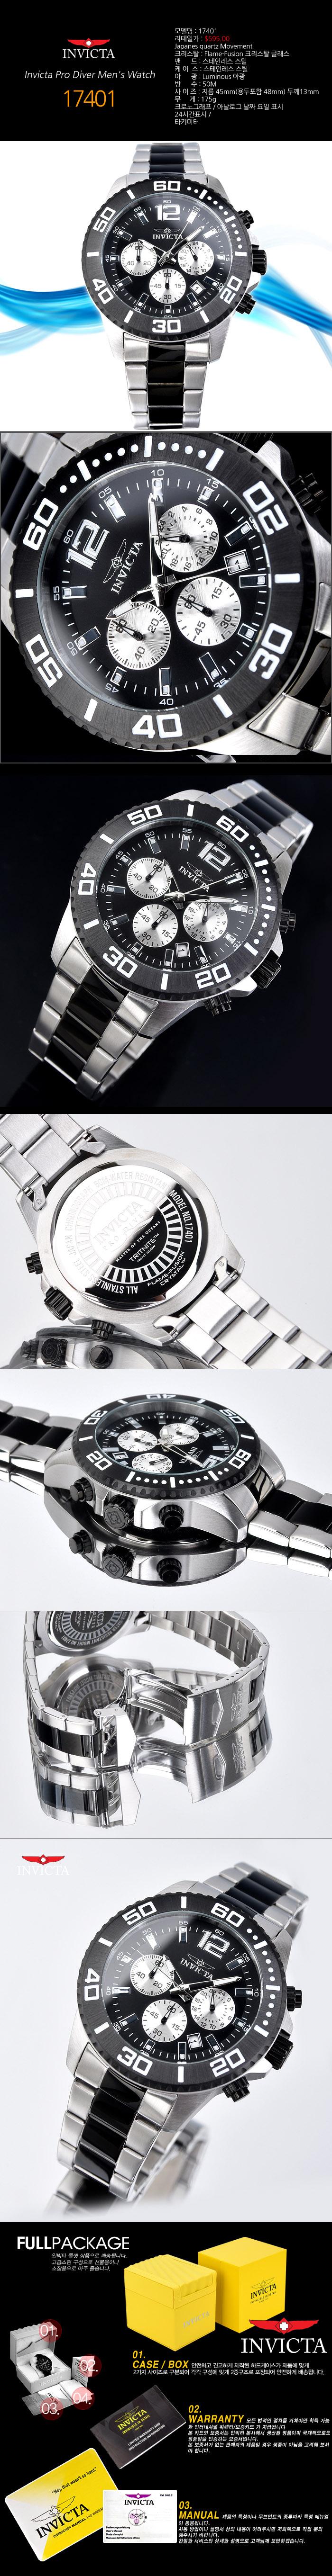 인빅타 17401 Pro Diver 크로노그래프 남성용 야광인덱스 시계